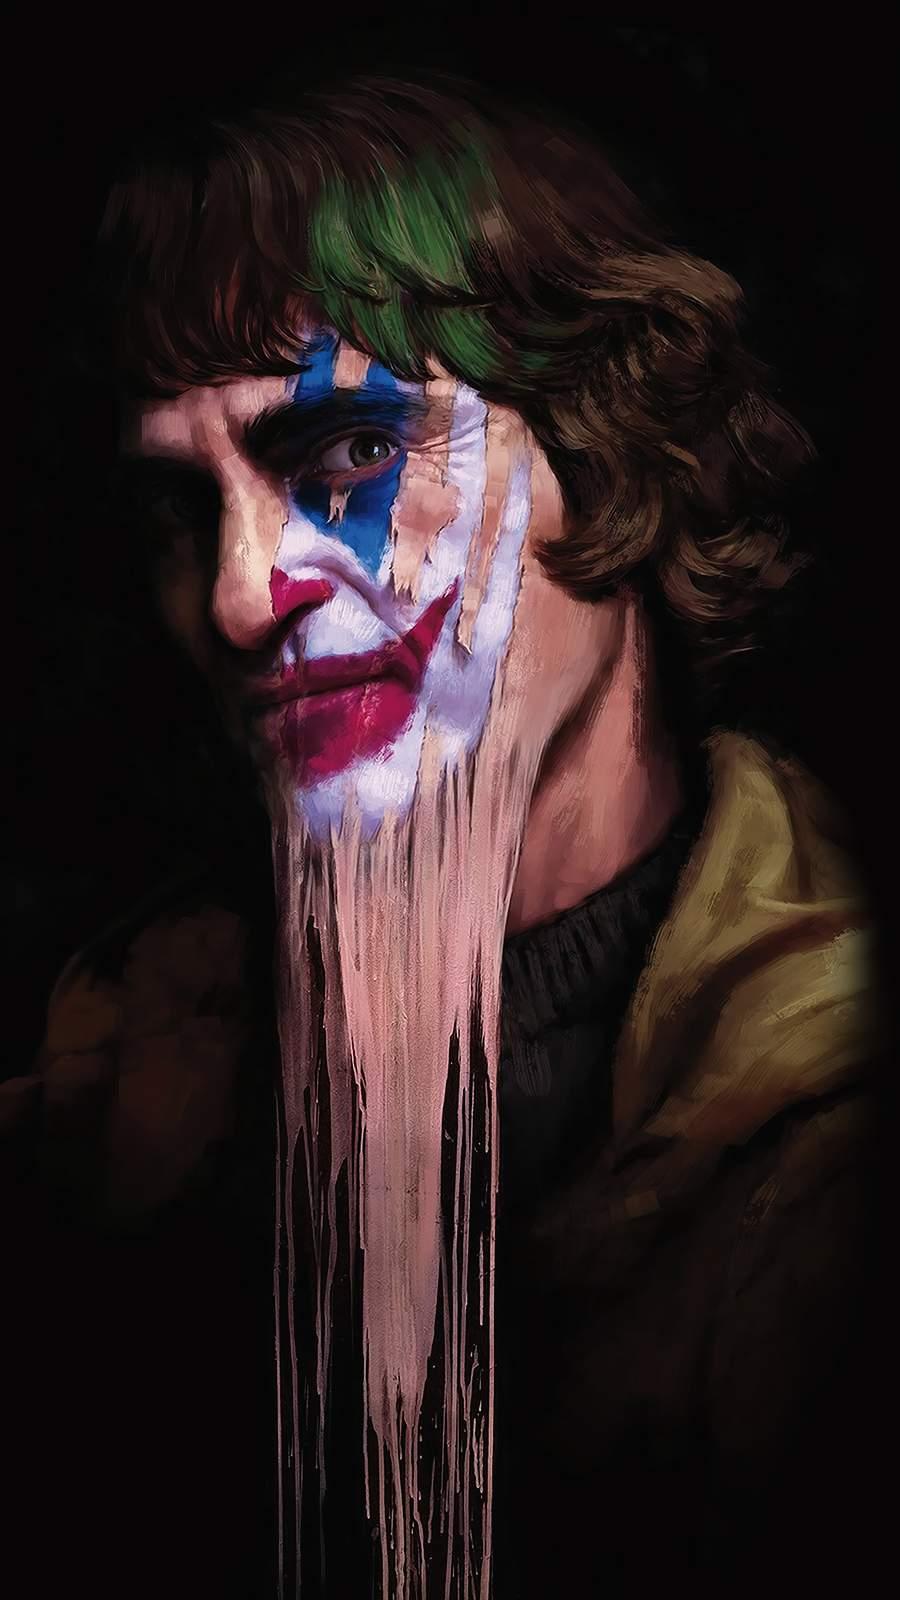 Joker Face Art iPhone Wallpaper